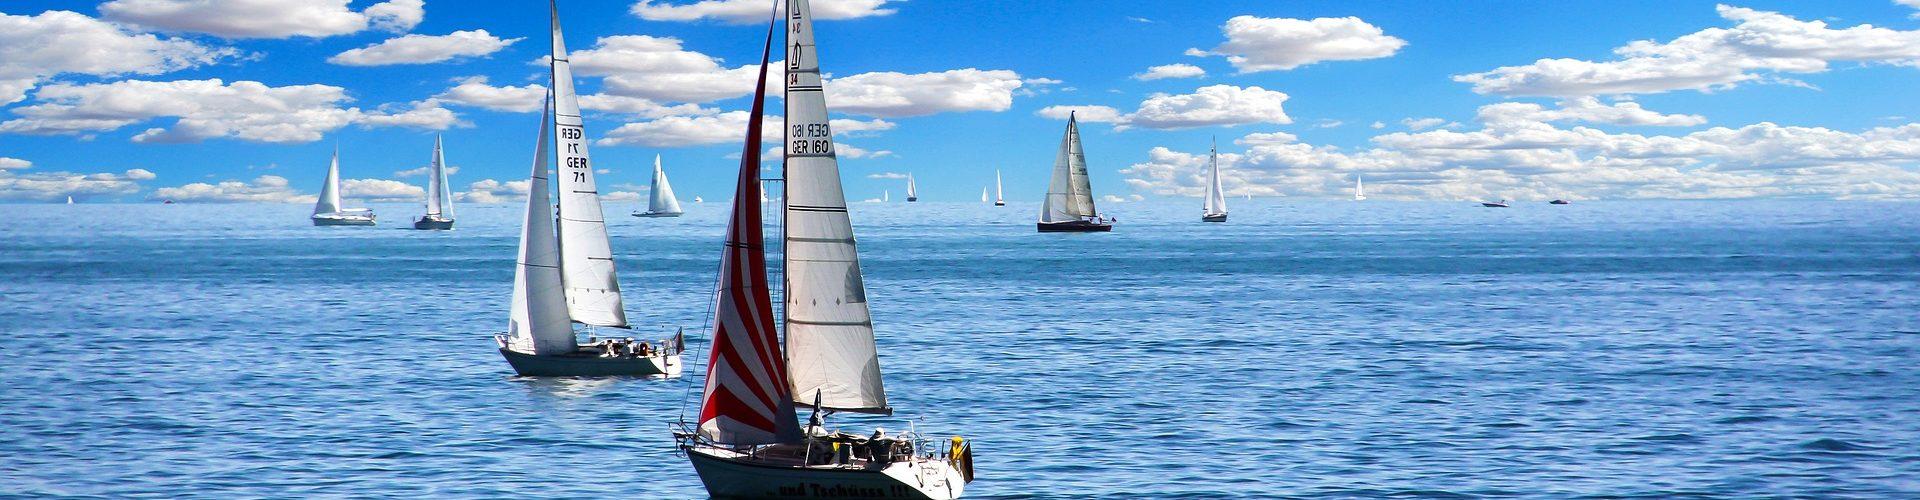 segeln lernen in Recke segelschein machen in Recke 1920x500 - Segeln lernen in Recke